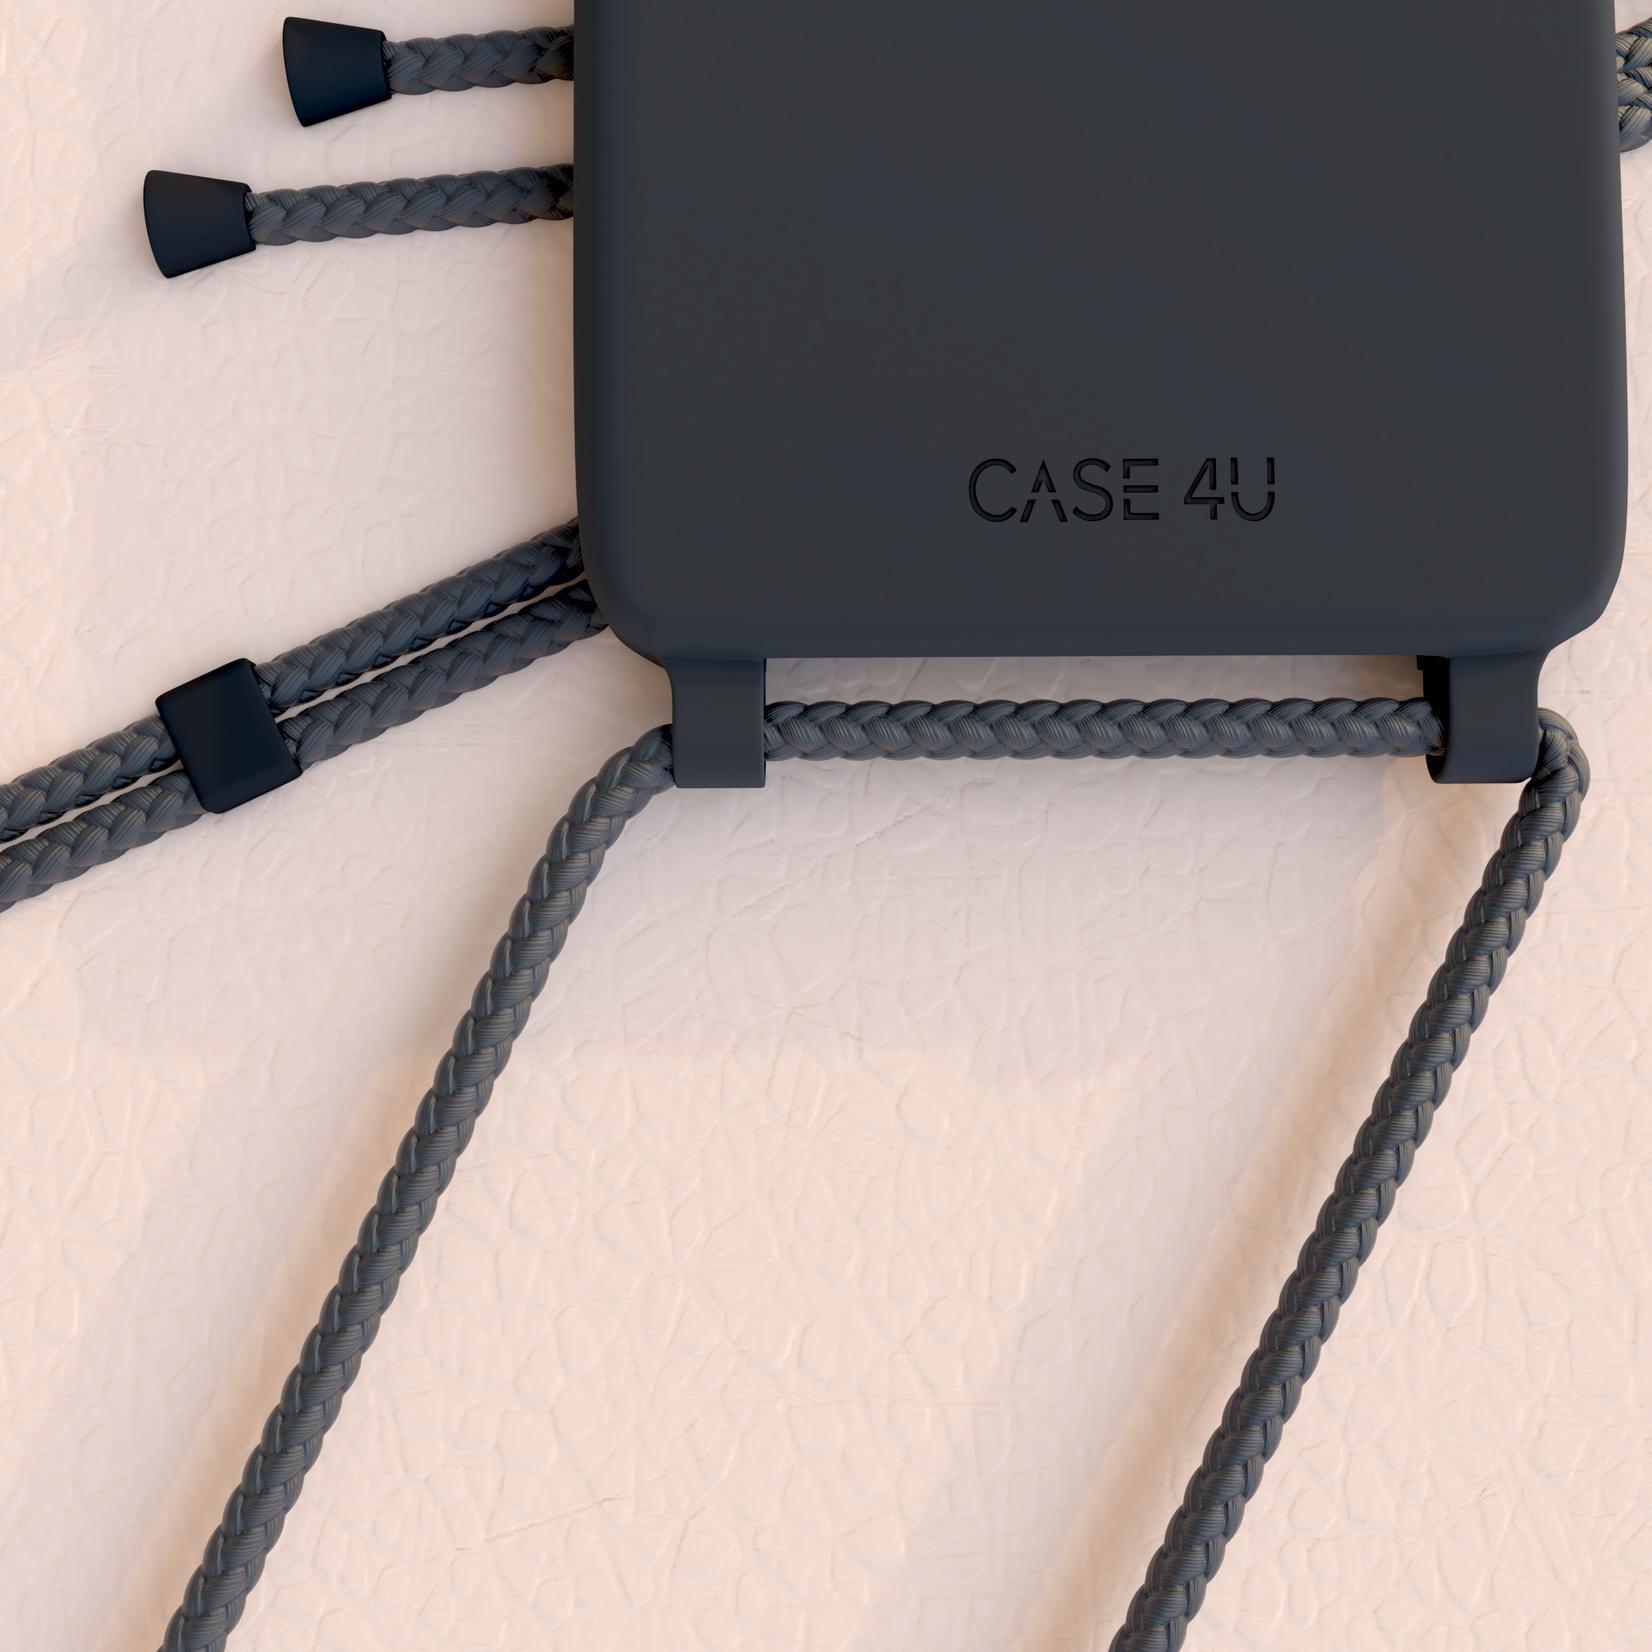 Case 4U Case 4U : Matte Black Rope and Case